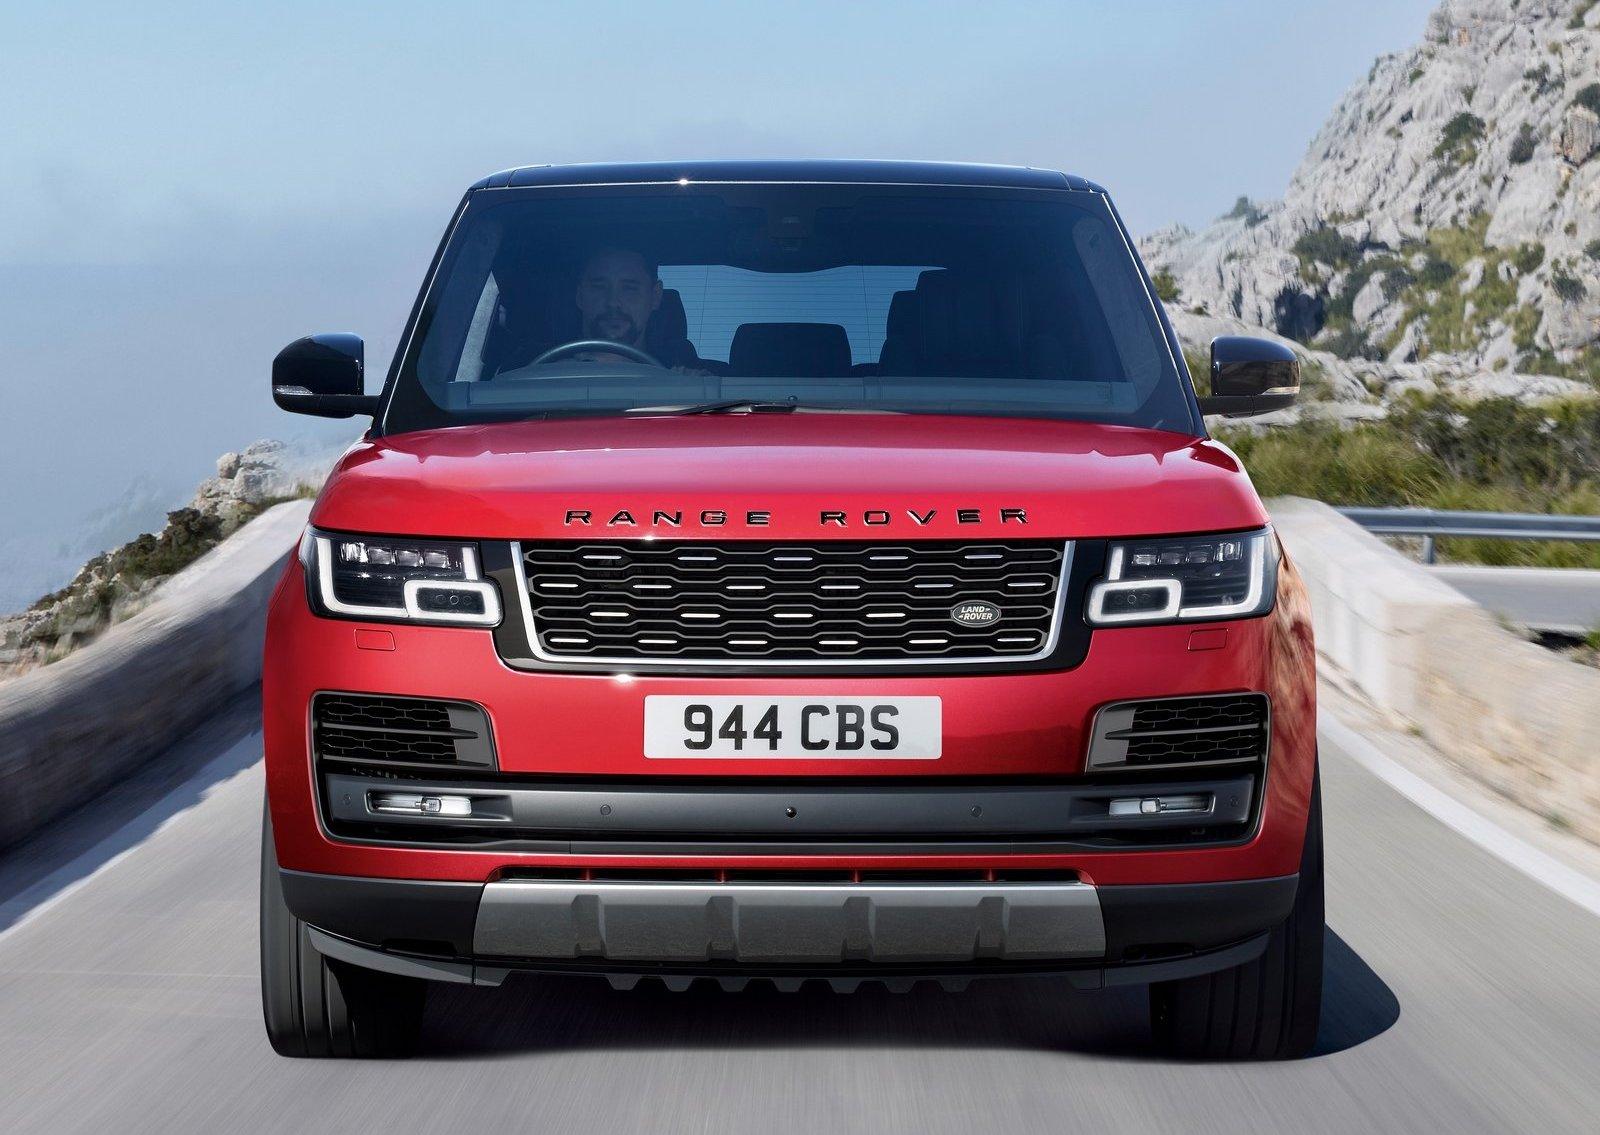 2018 range rover revealed  hybrid added  more power for top v8